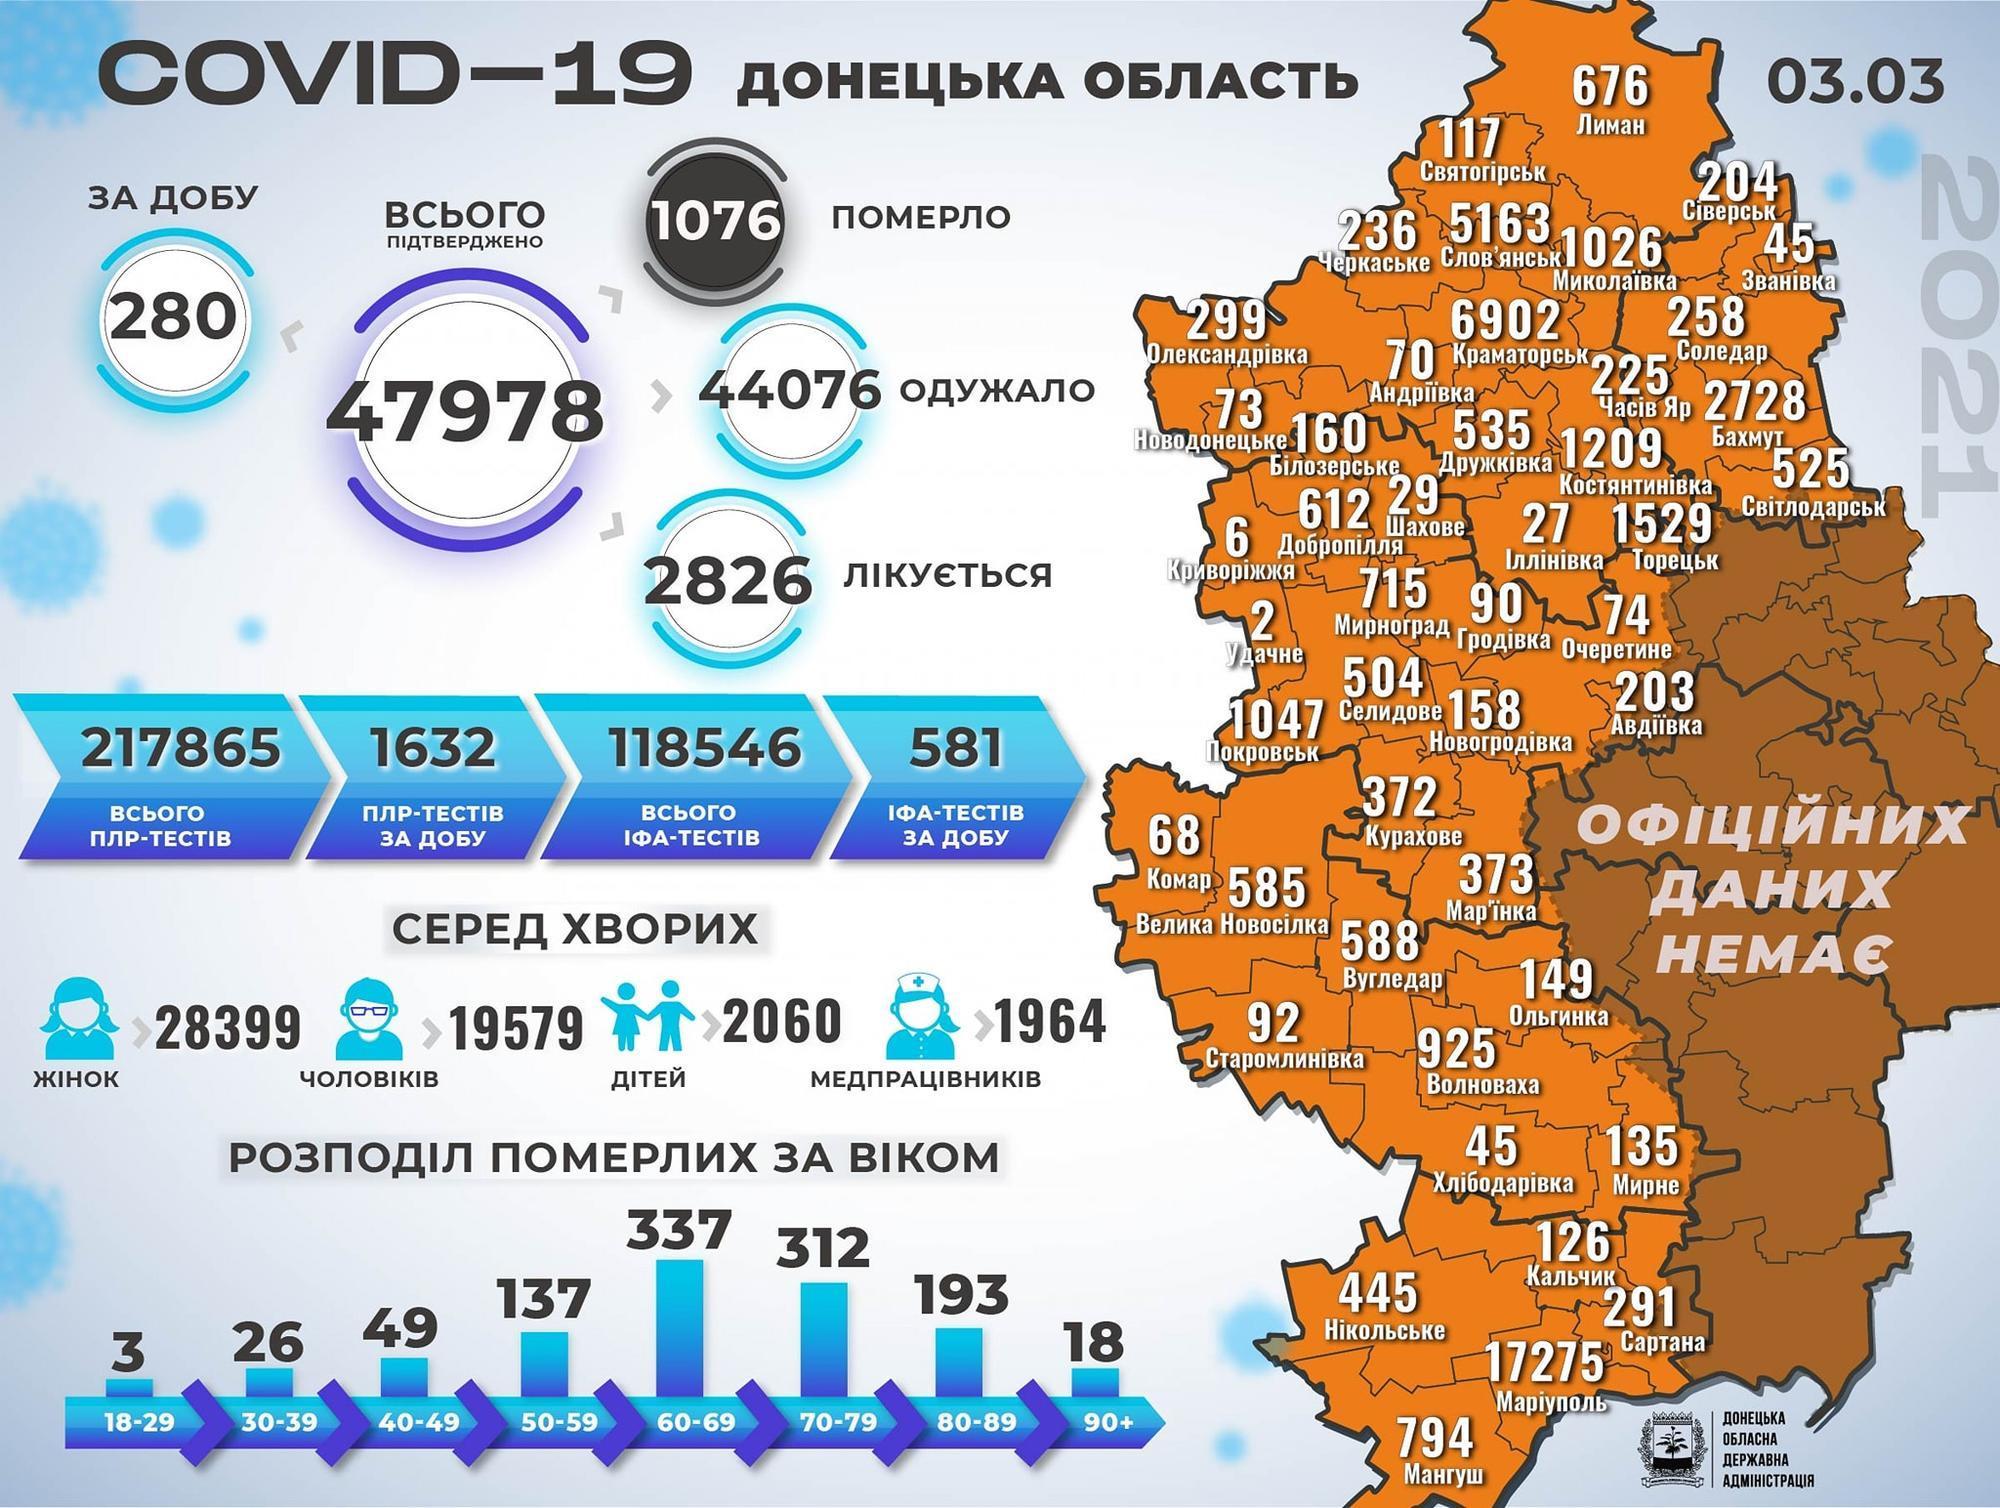 коронавирус Донецкая область 4 марта